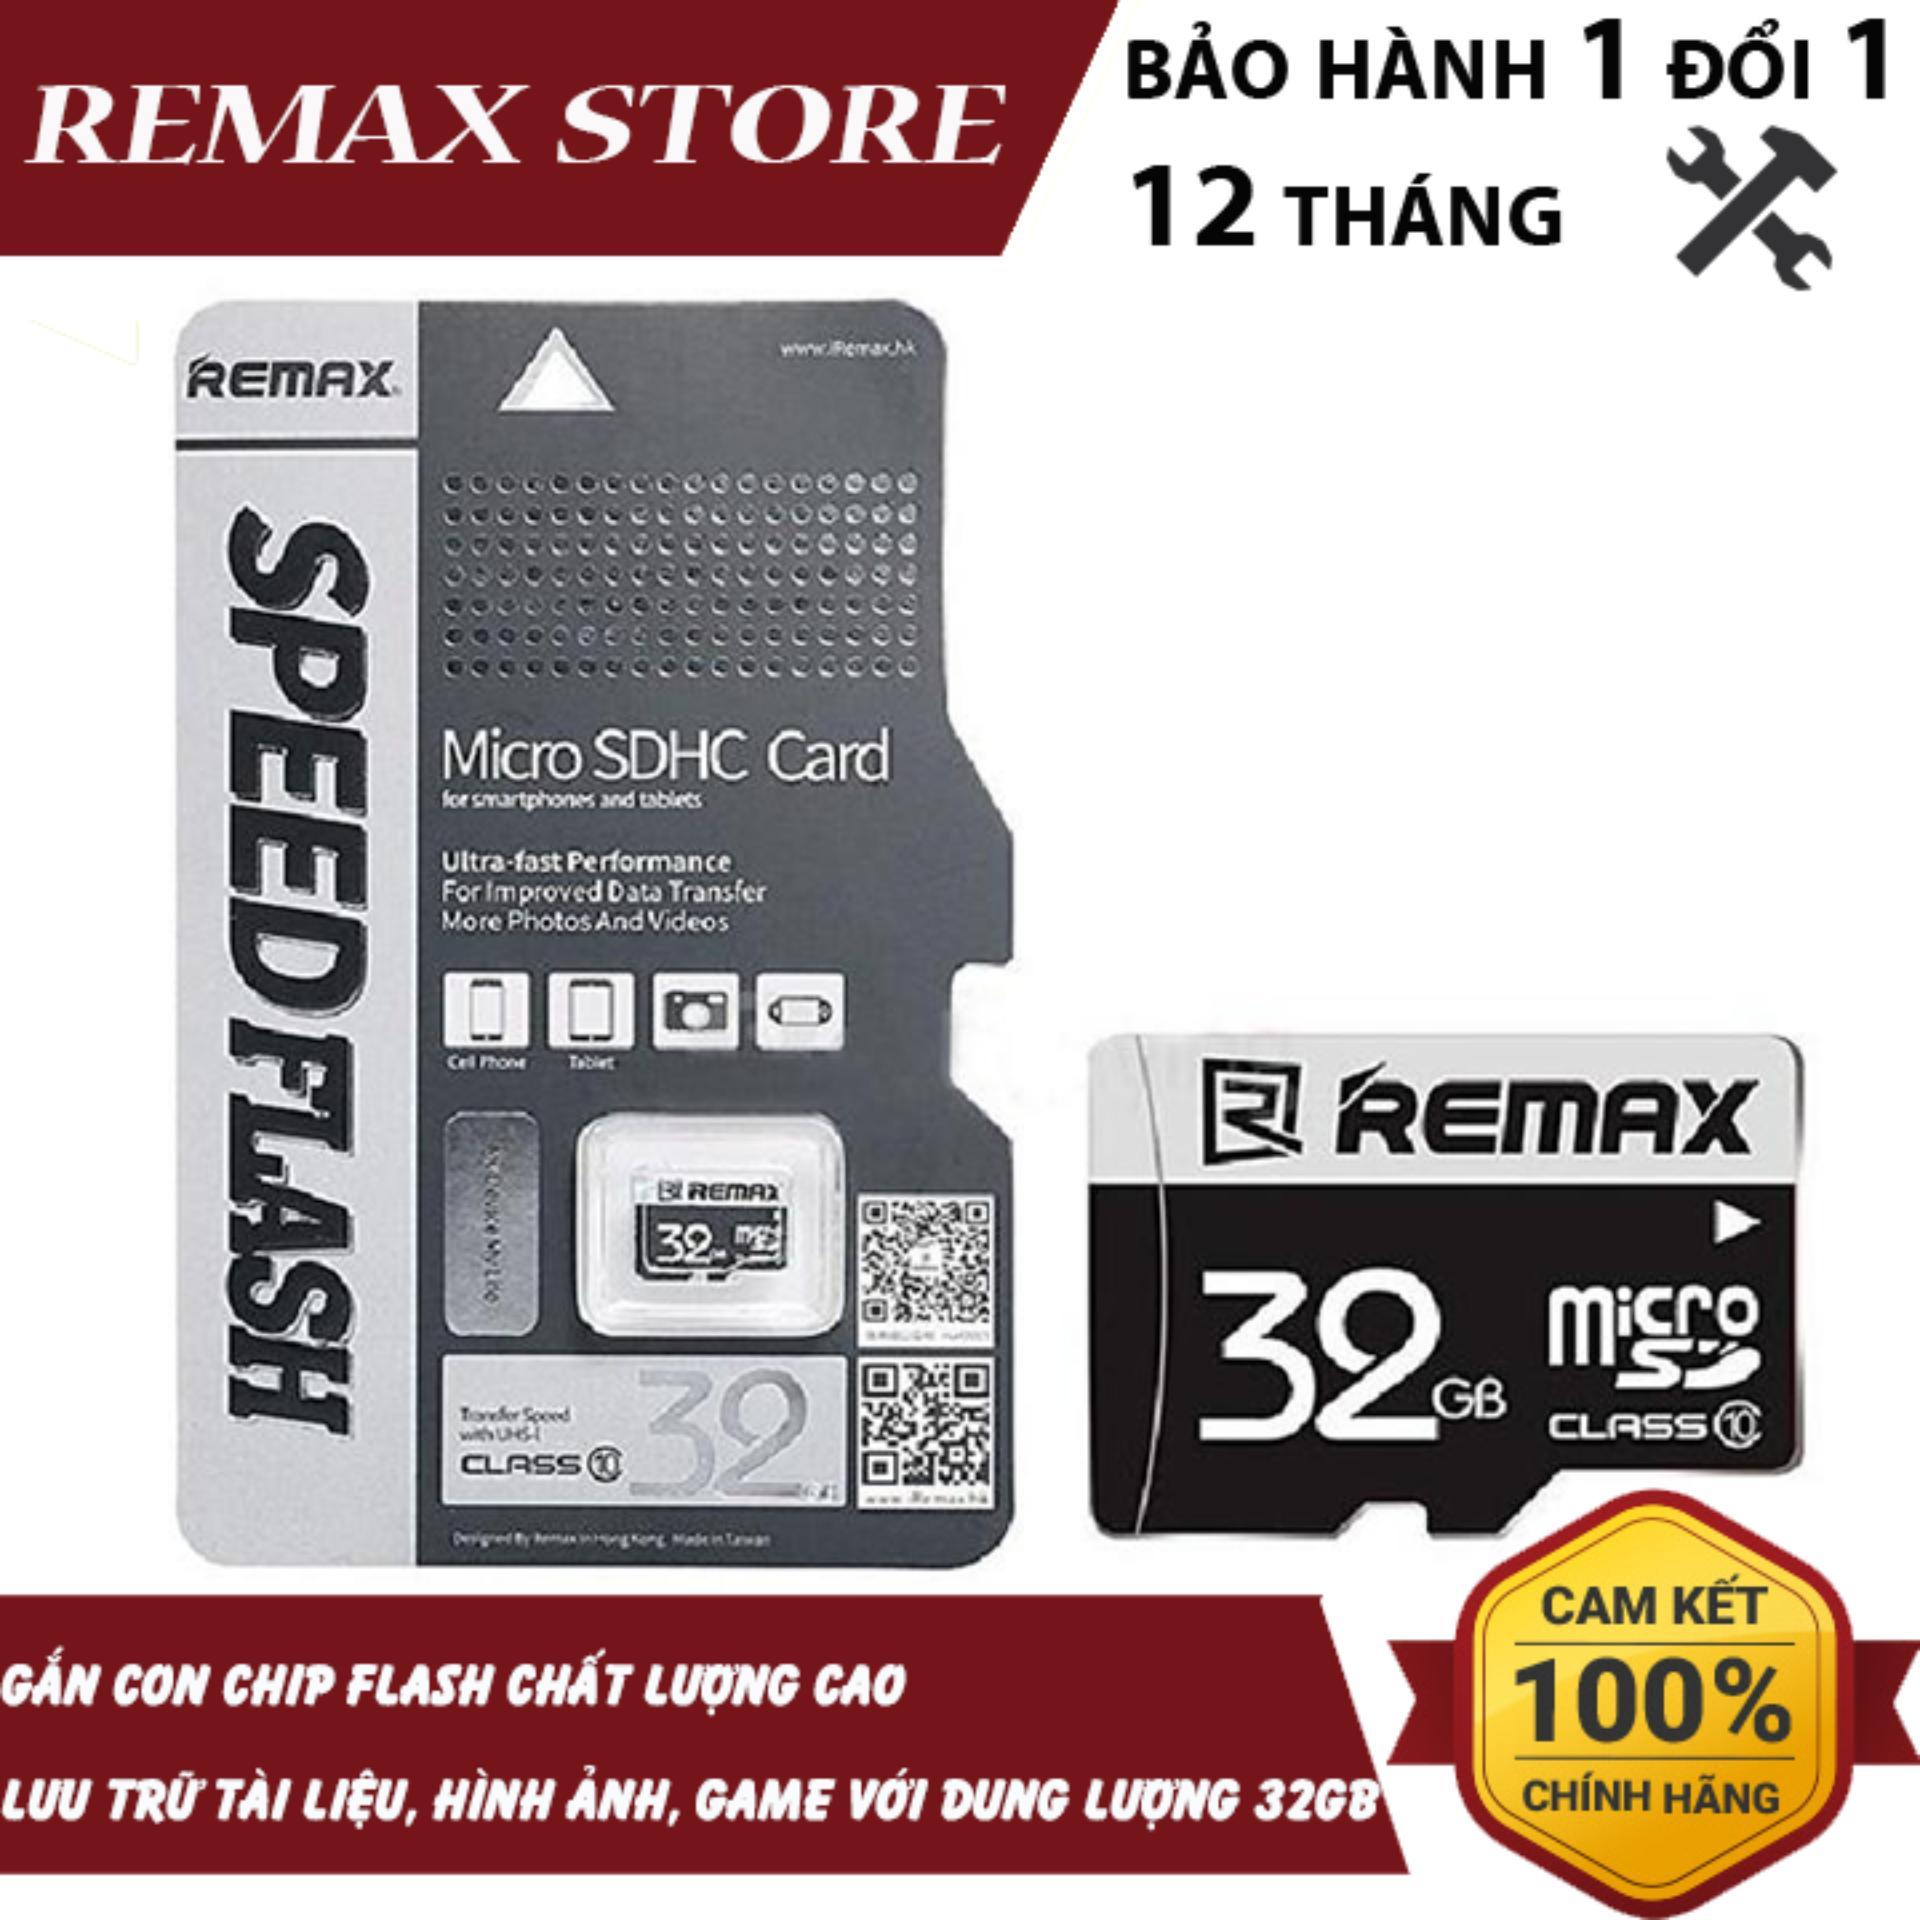 Thẻ Nhớ MicroSD Remax 32Gb Class 10 Giá Tốt Duy Nhất tại Lazada